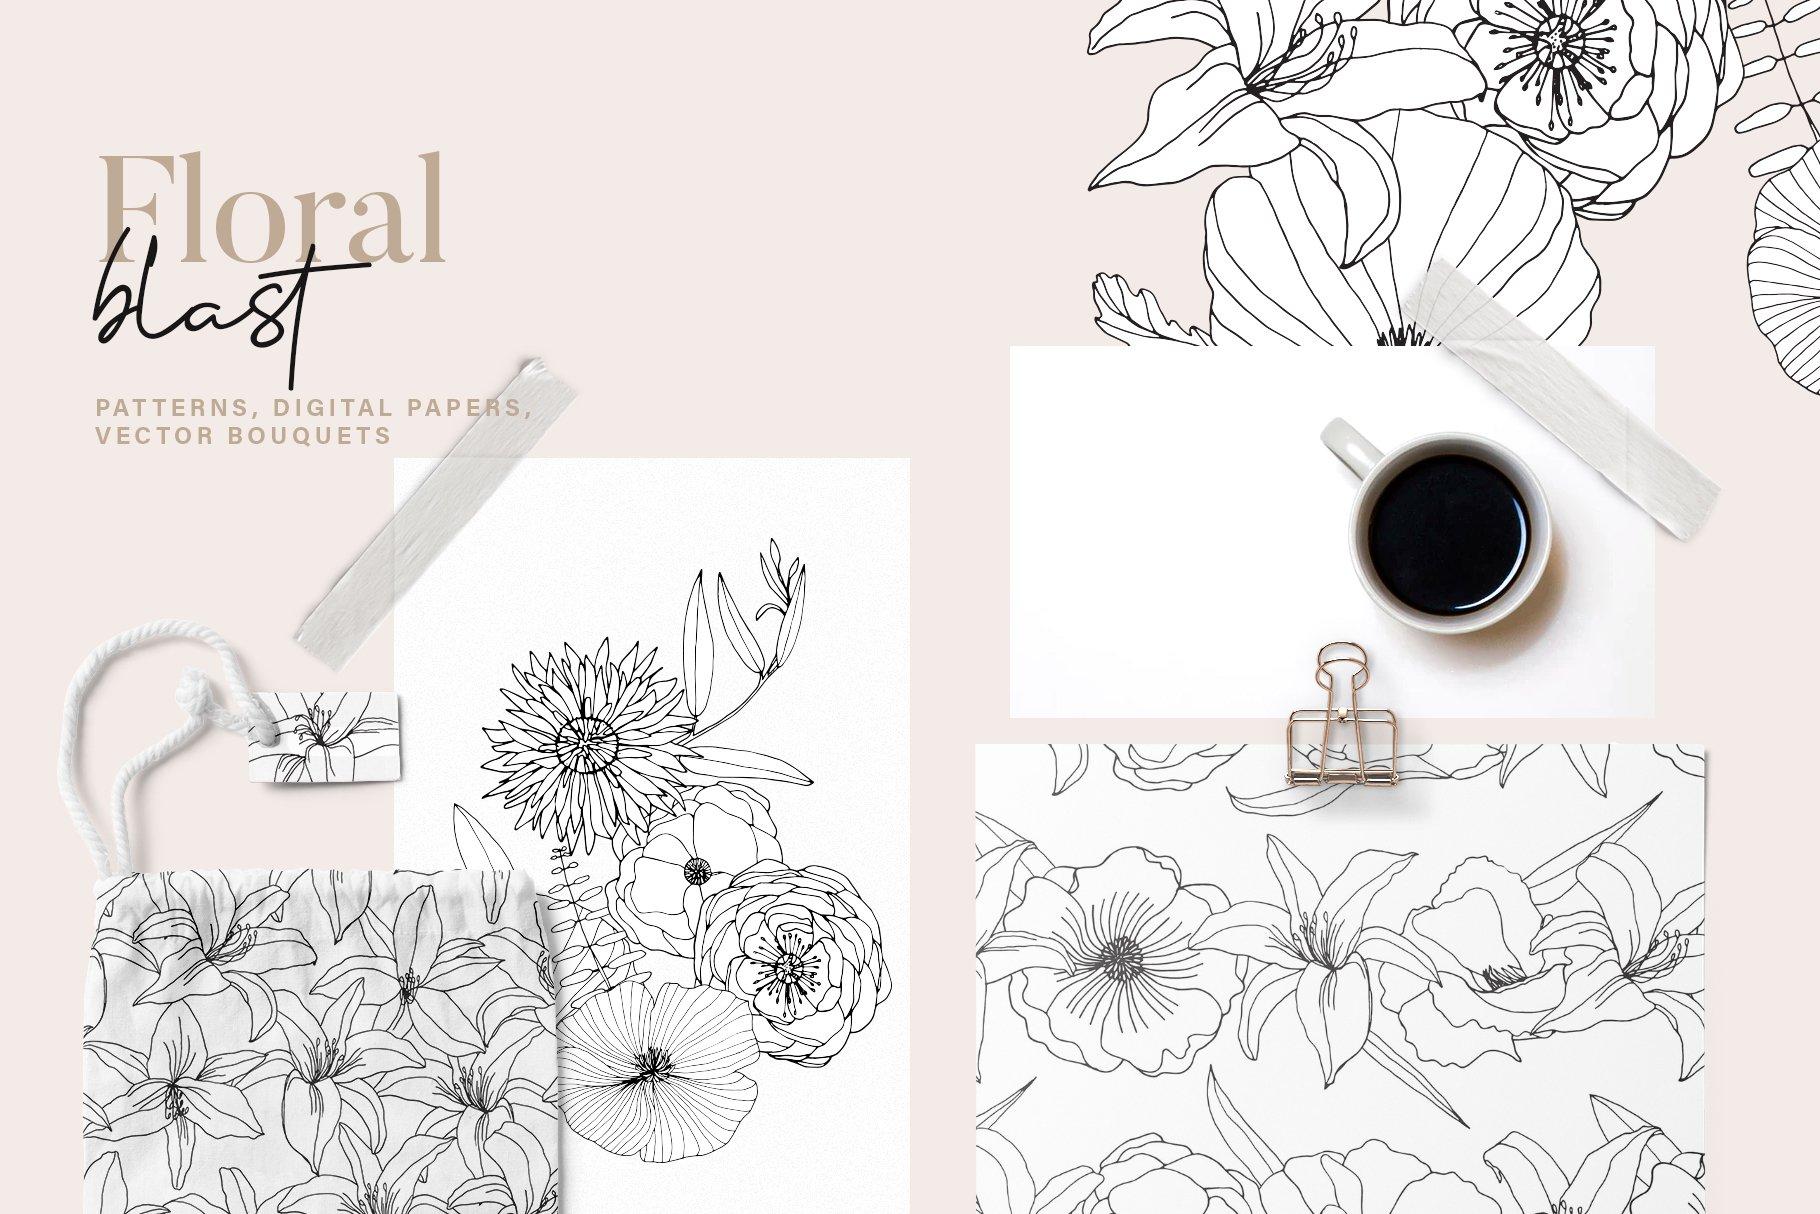 精美手绘花卉花朵无缝隙矢量线稿图案素材 Floral Blast Patterns And Bouquets插图(6)